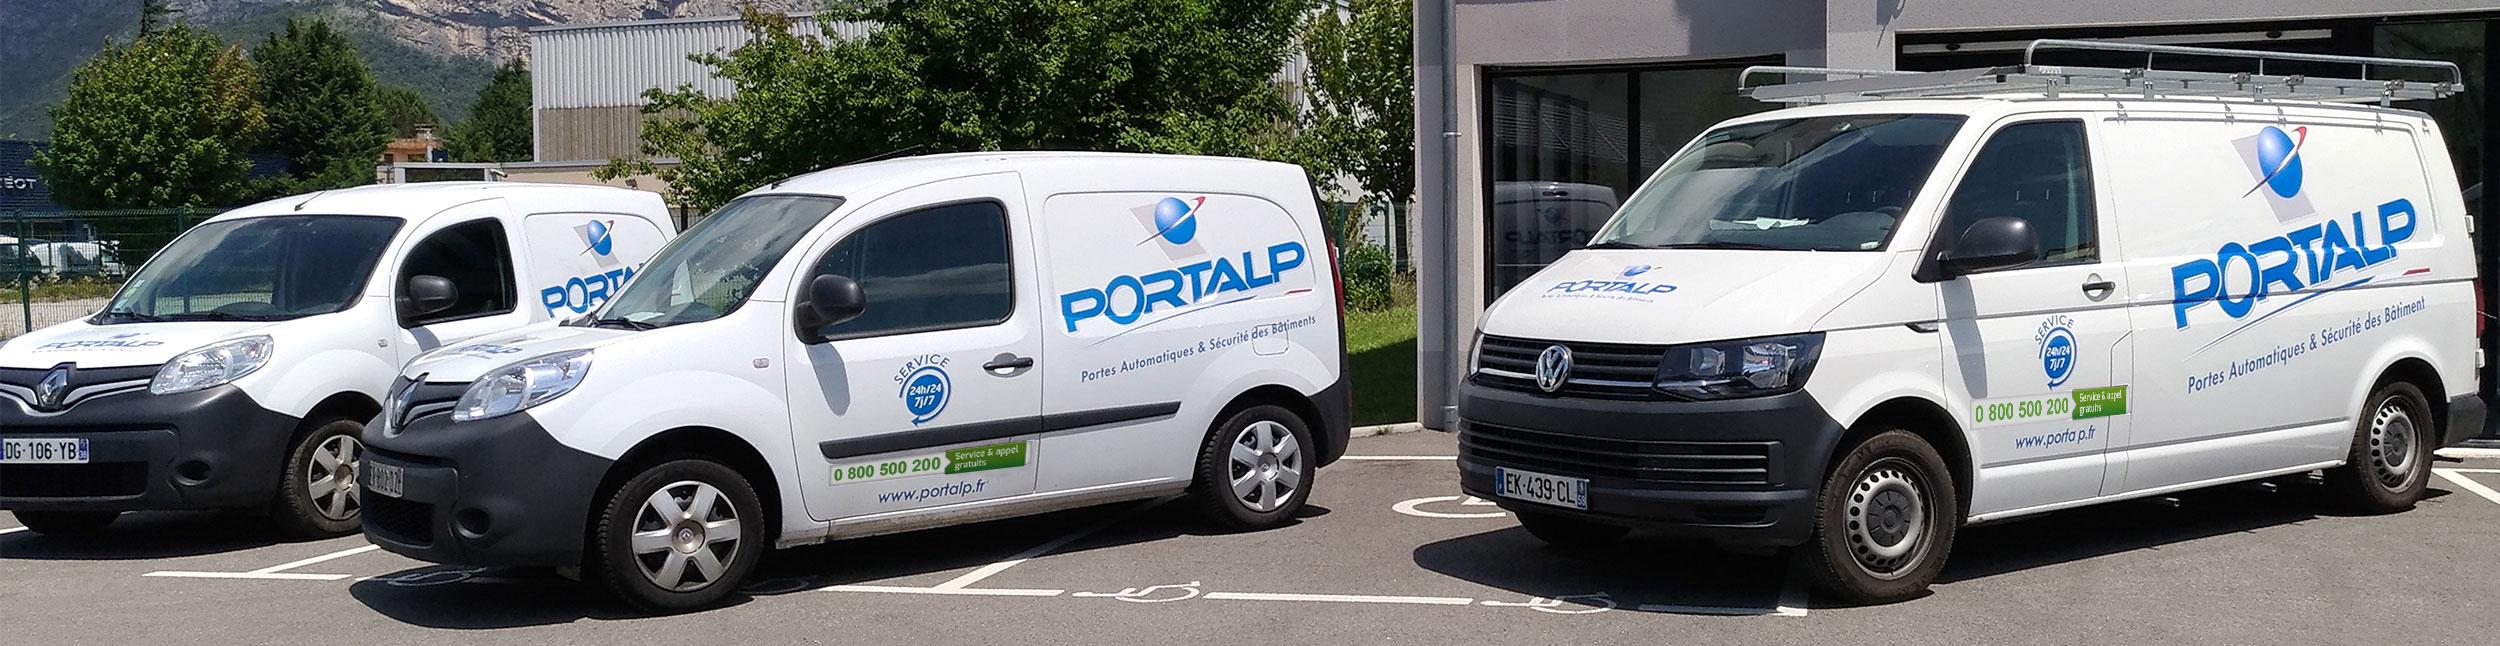 Flotte de véhicules de maintenance Portalp